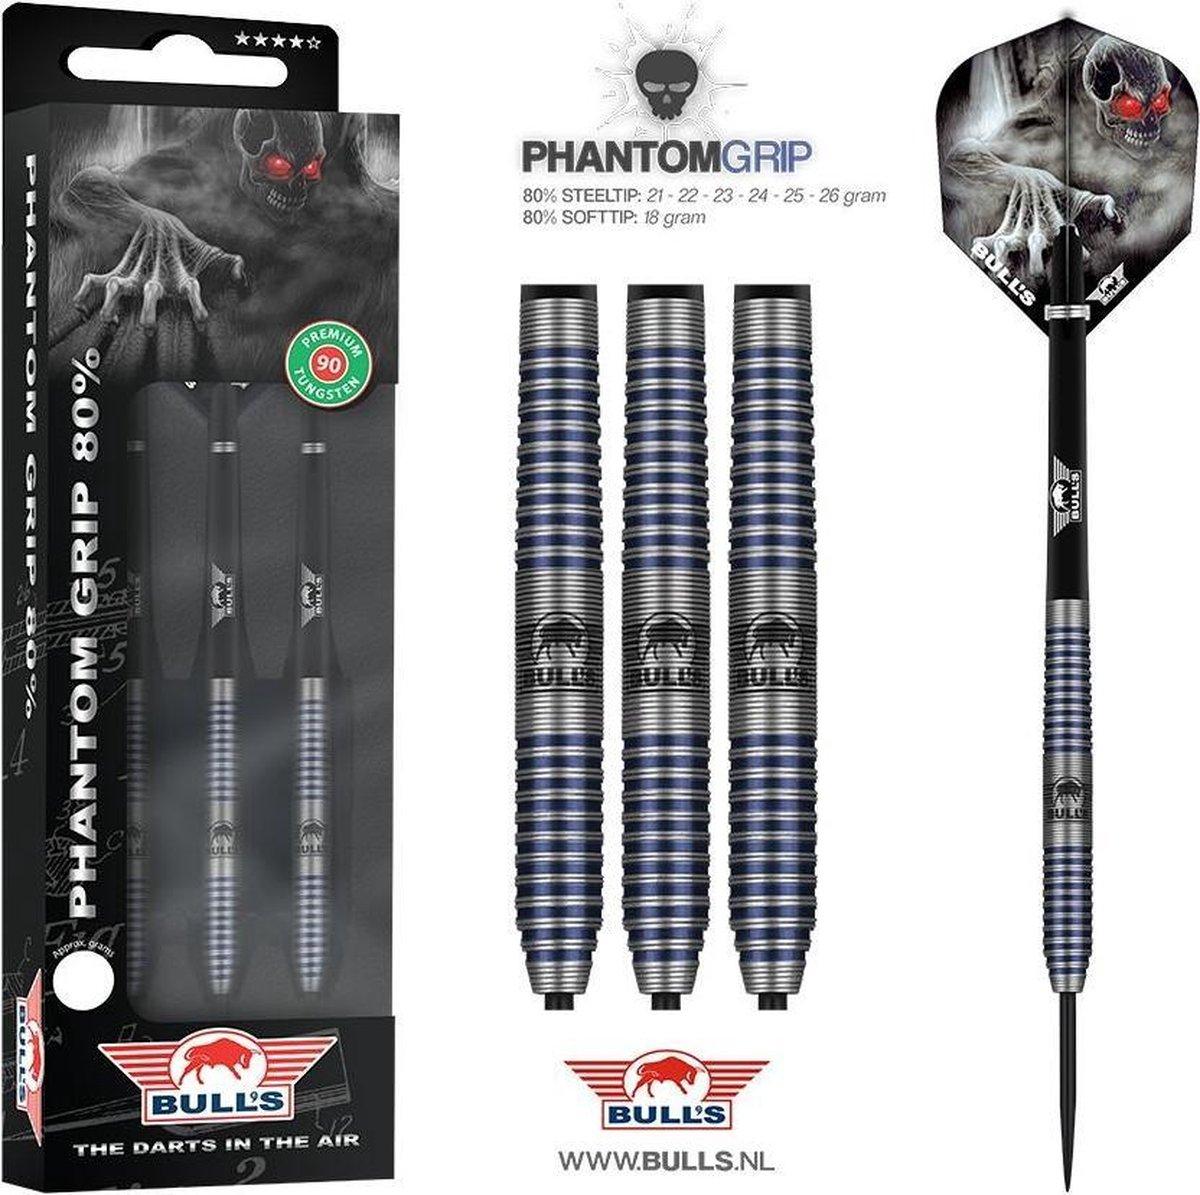 BULL'S Phantom Grip 80% dartpijlen 24 - 26 gram - 24 gram